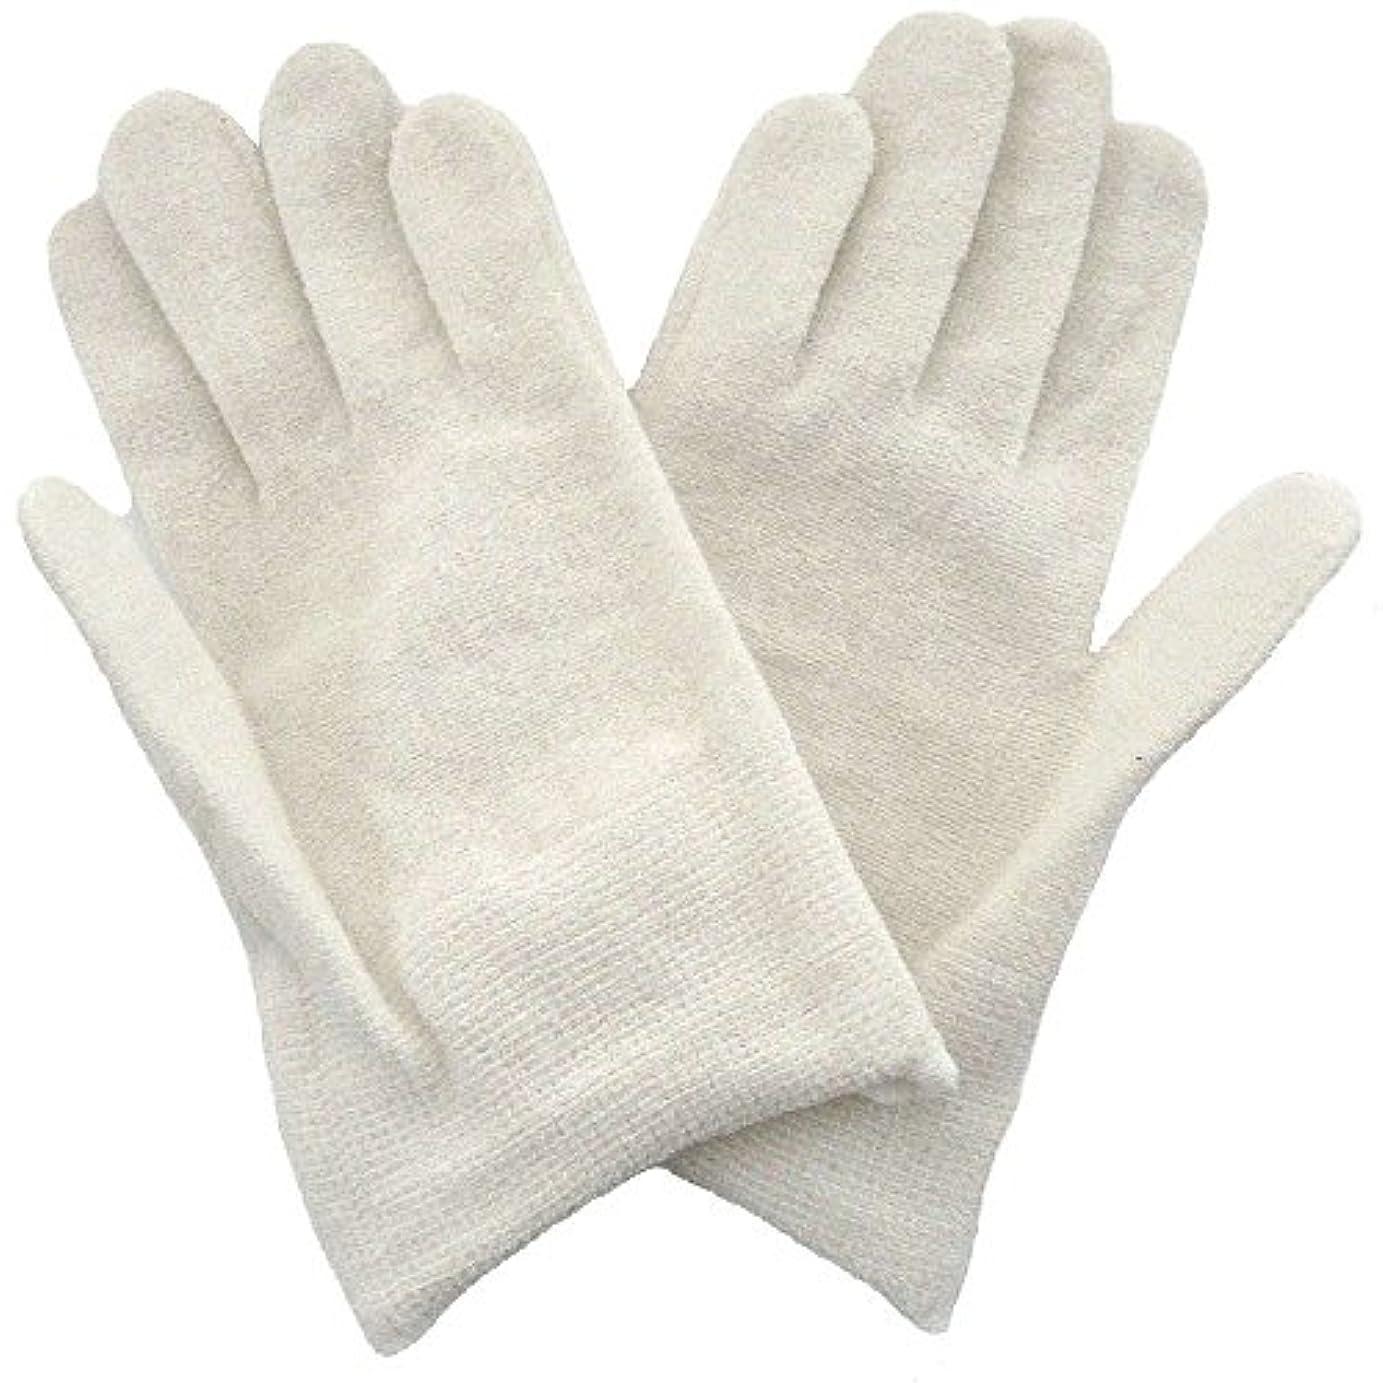 エンコミウムガラガラ解凍する、雪解け、霜解け【アトピー】【水疱瘡】【皮膚炎】 ナノミックス おやすみ手袋:キッズ用 ホワイト